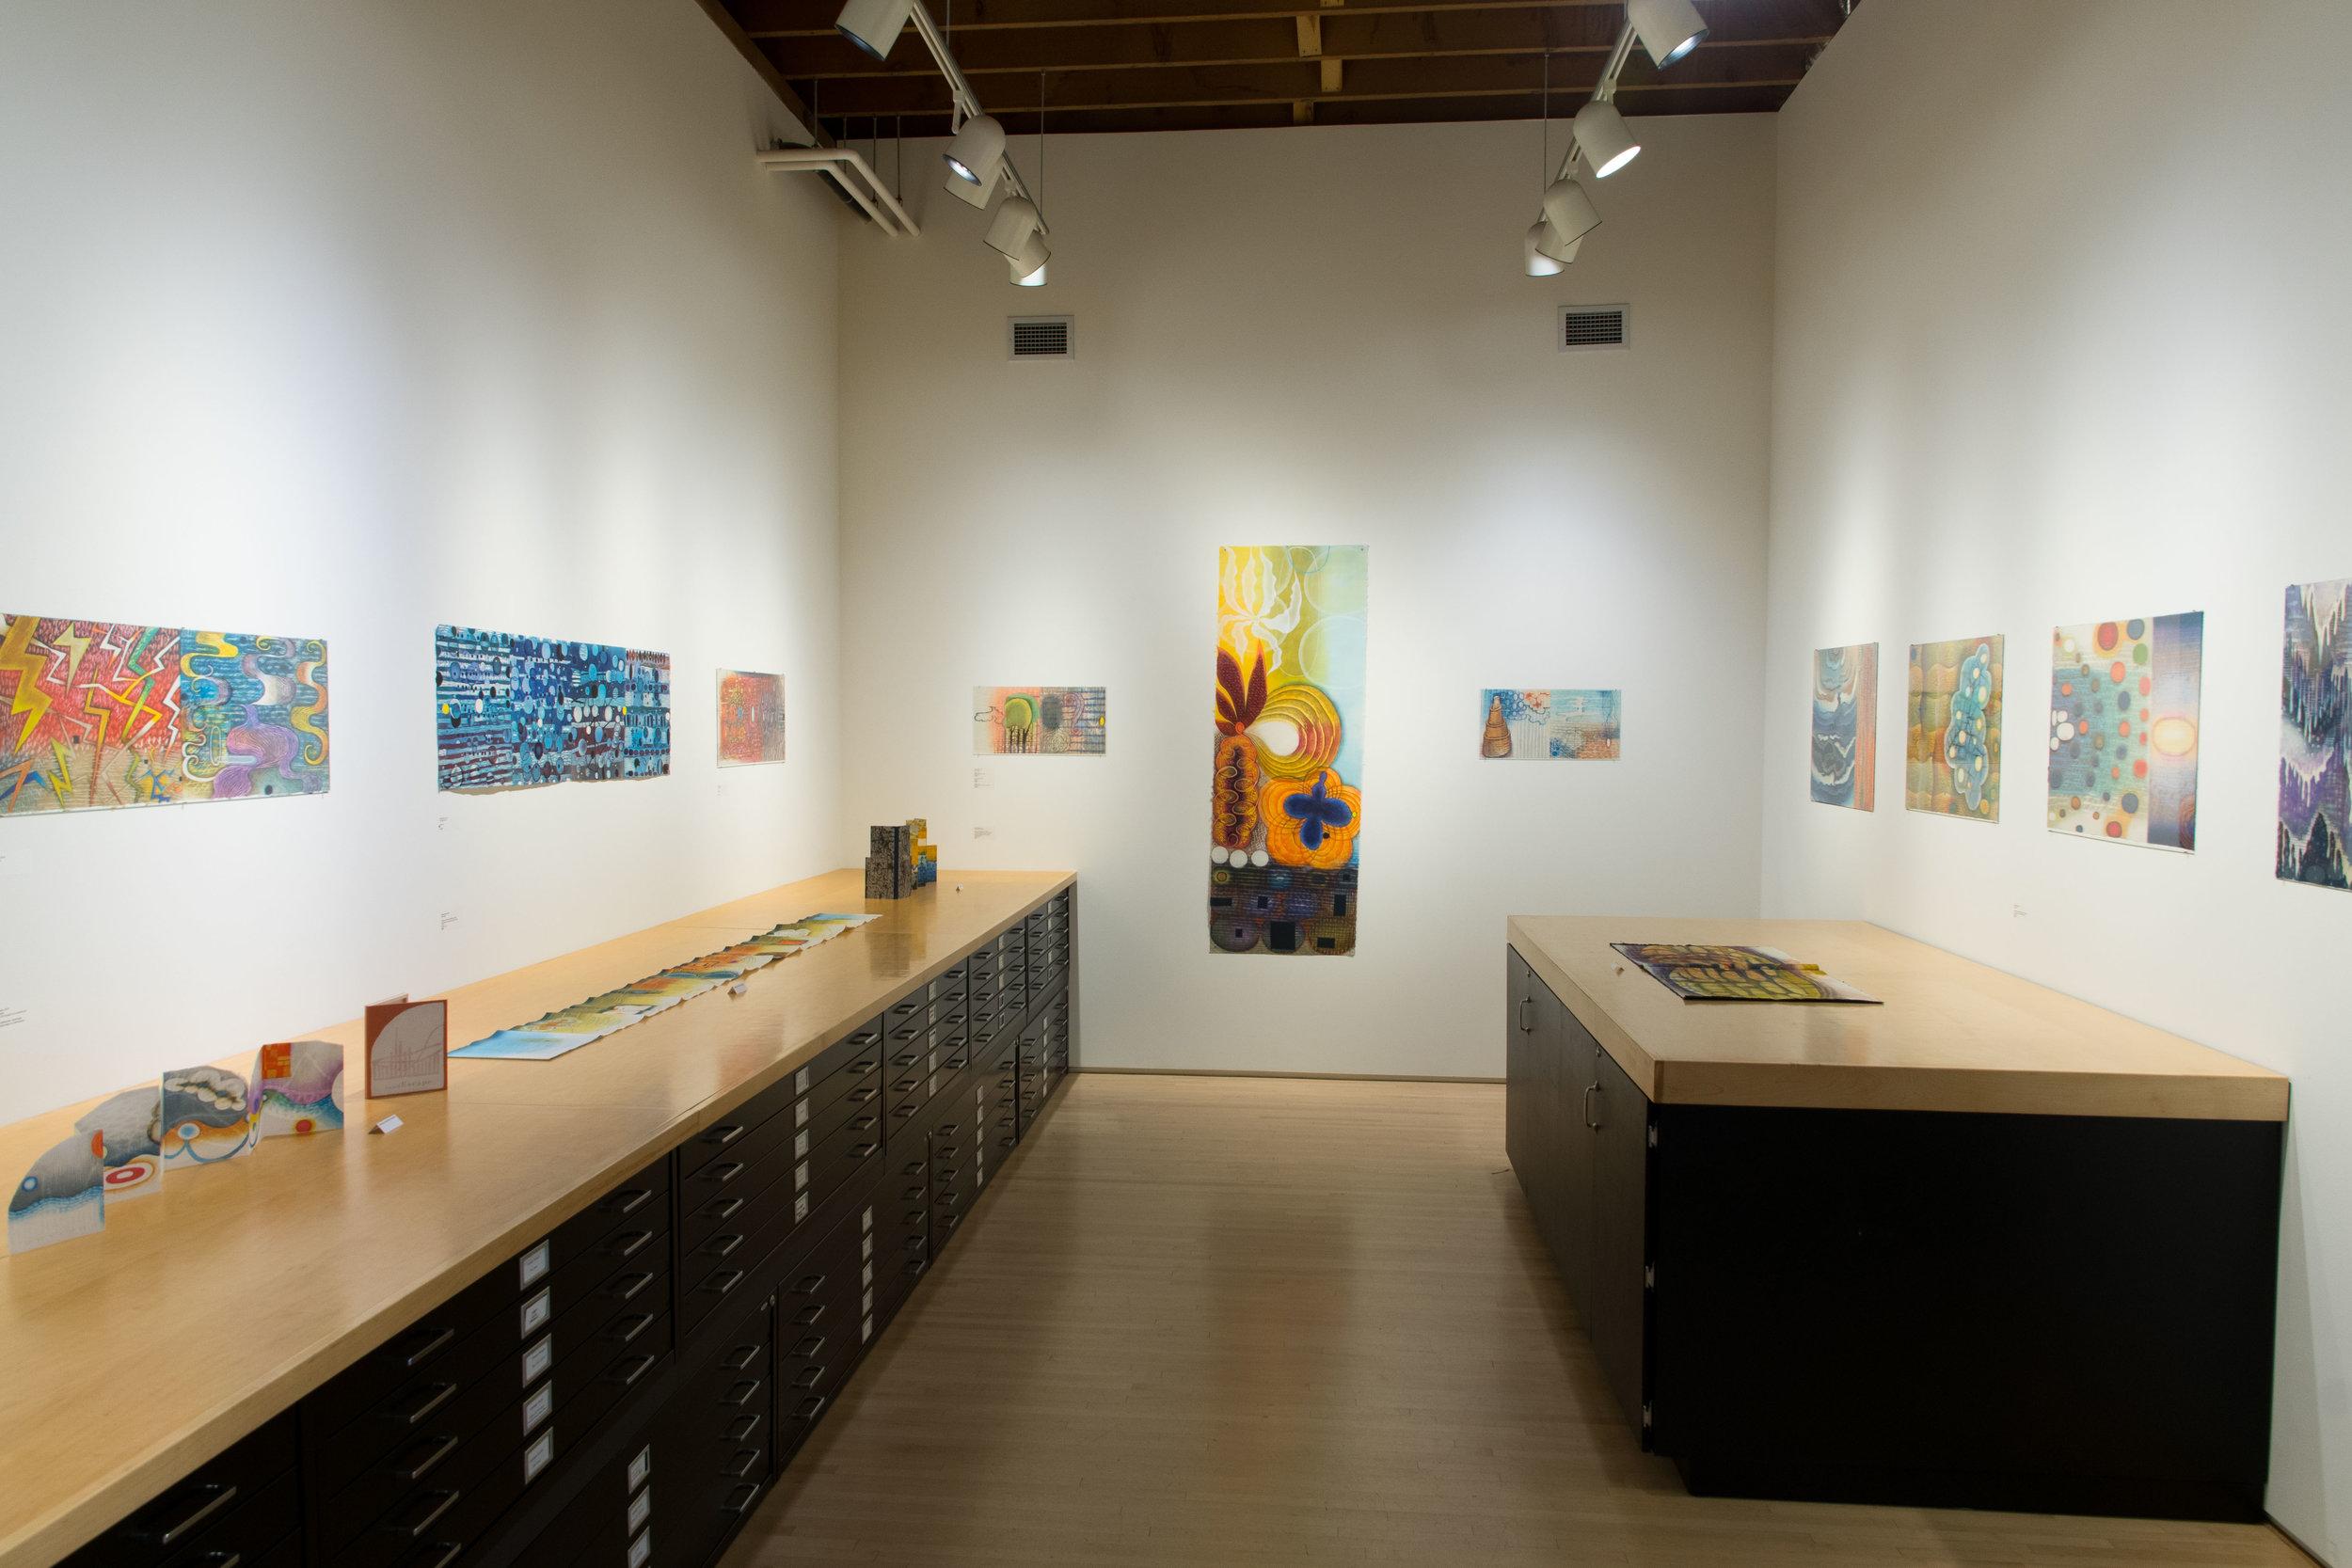 Highpoint ExhibitWeather by Karen Kunc190815a0046.JPG